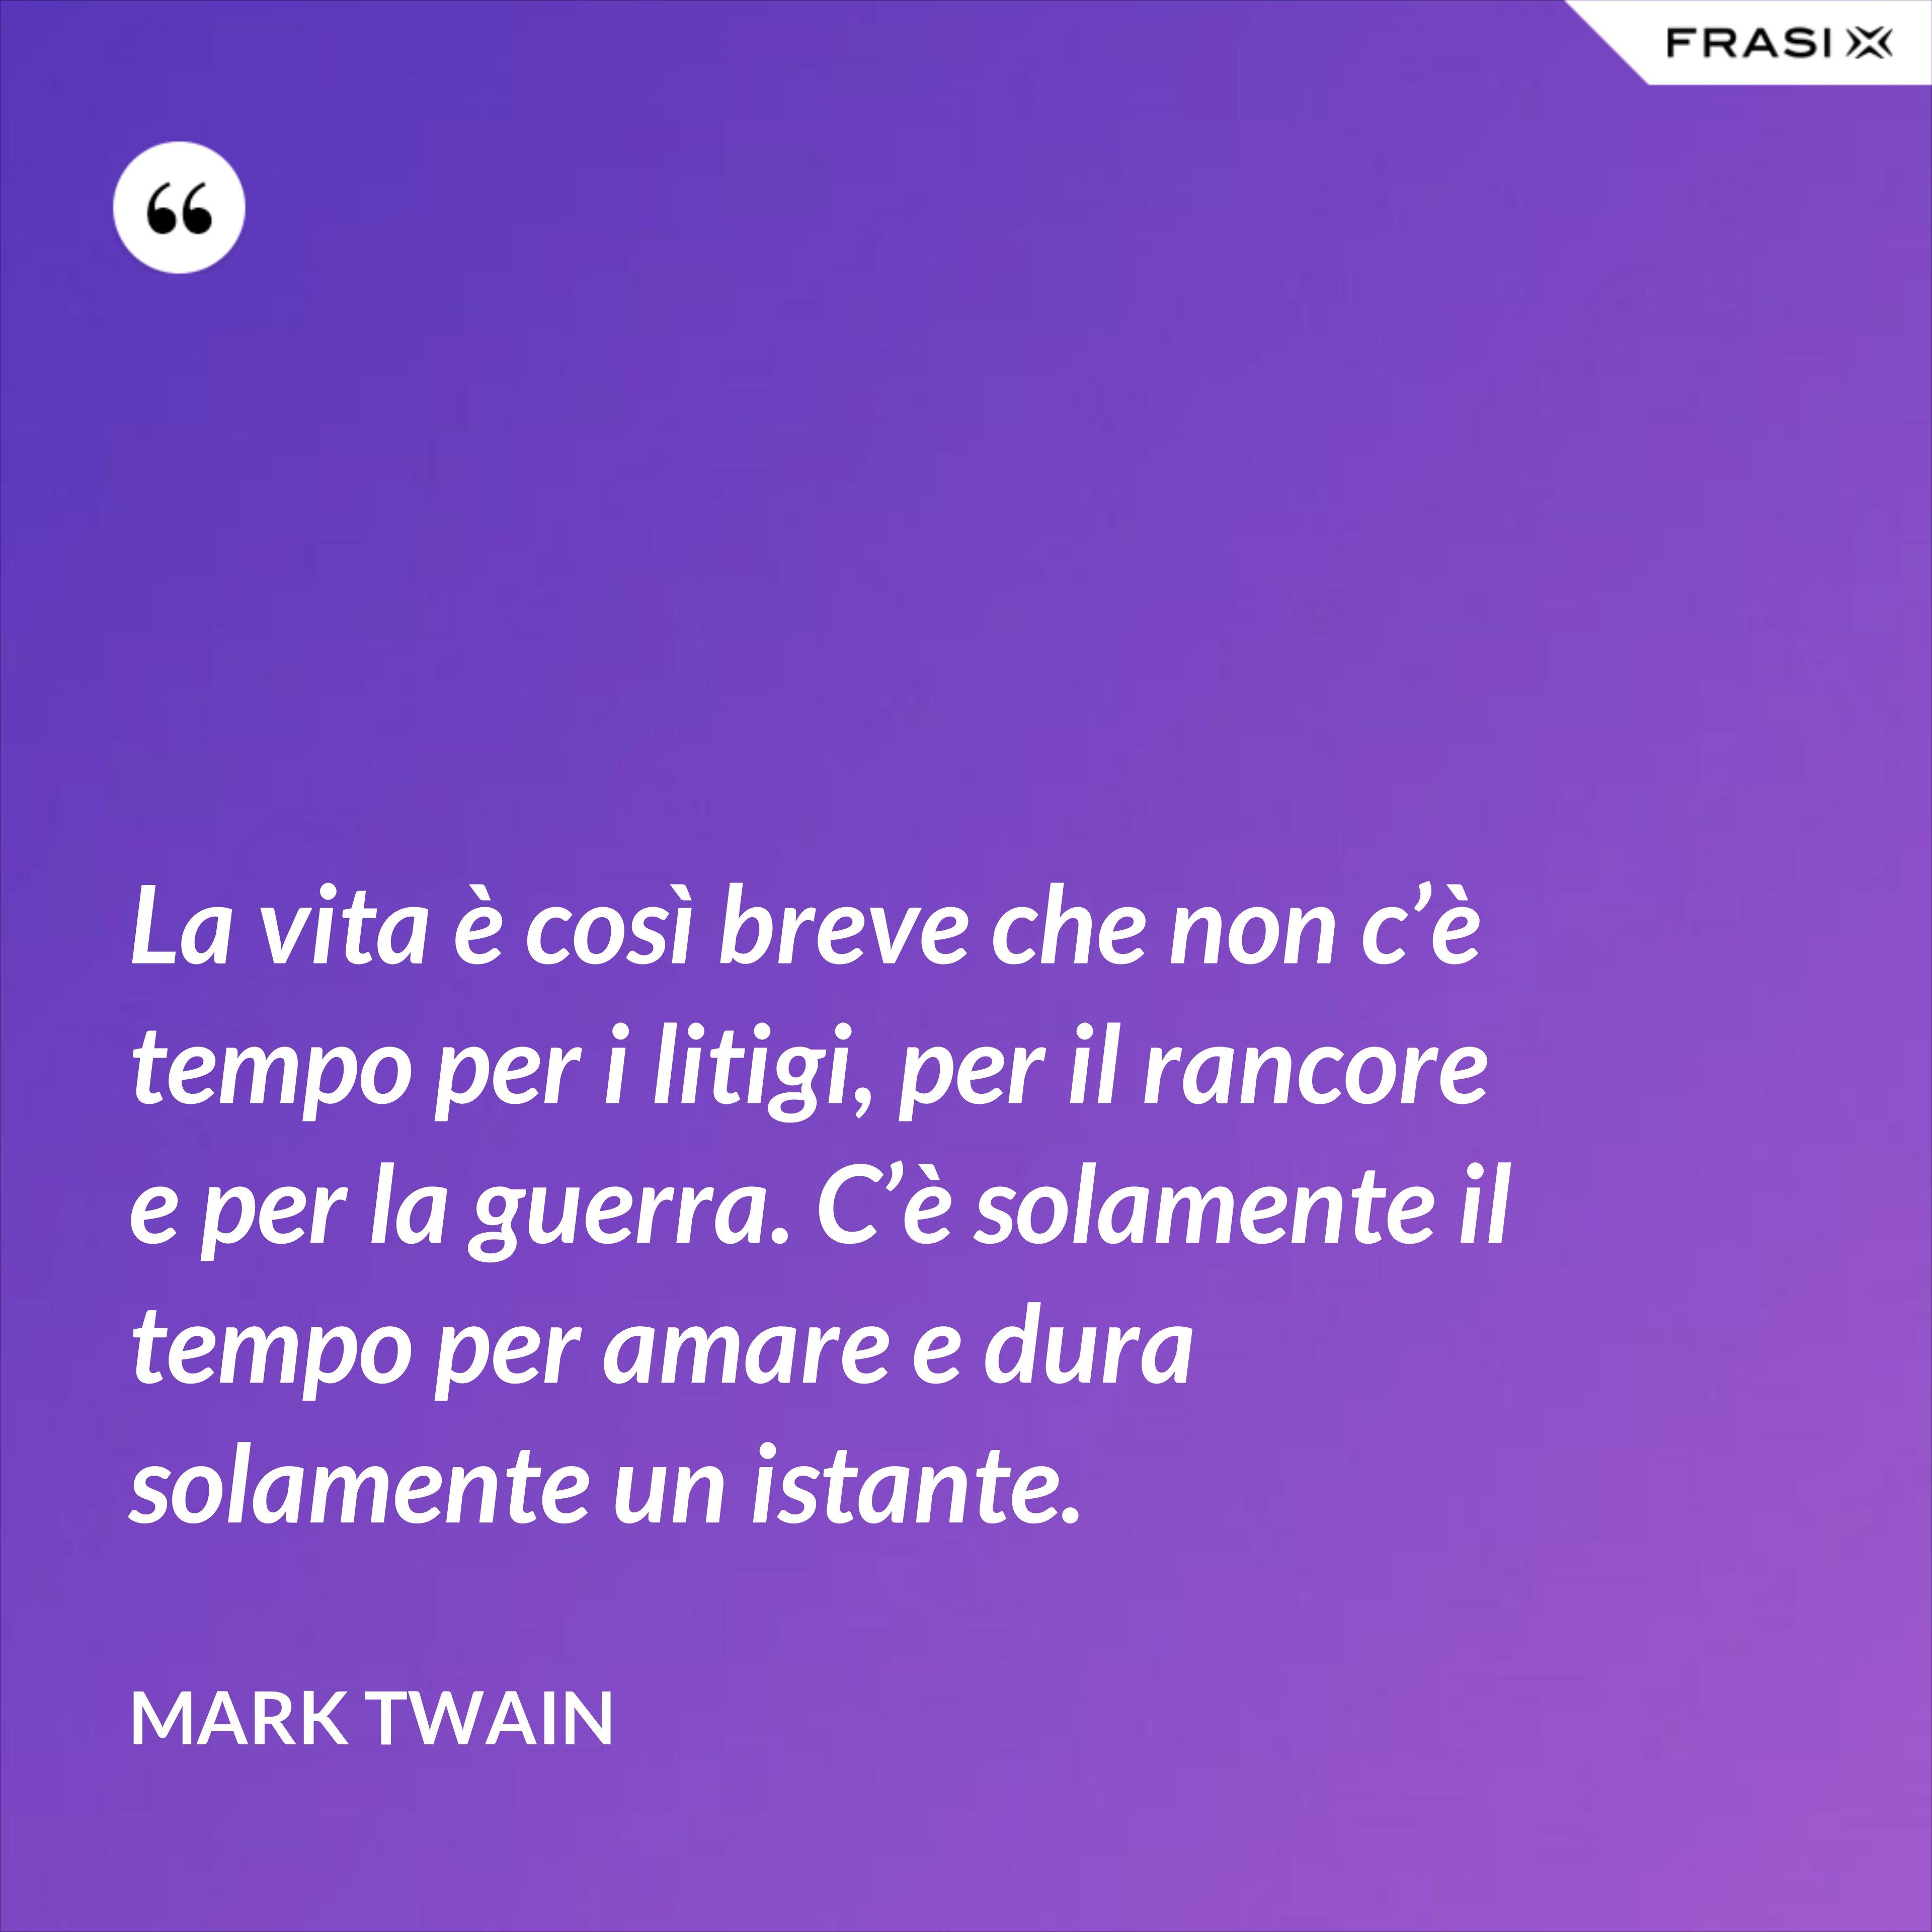 La vita è così breve che non c'è tempo per i litigi, per il rancore e per la guerra. C'è solamente il tempo per amare e dura solamente un istante. - Mark Twain